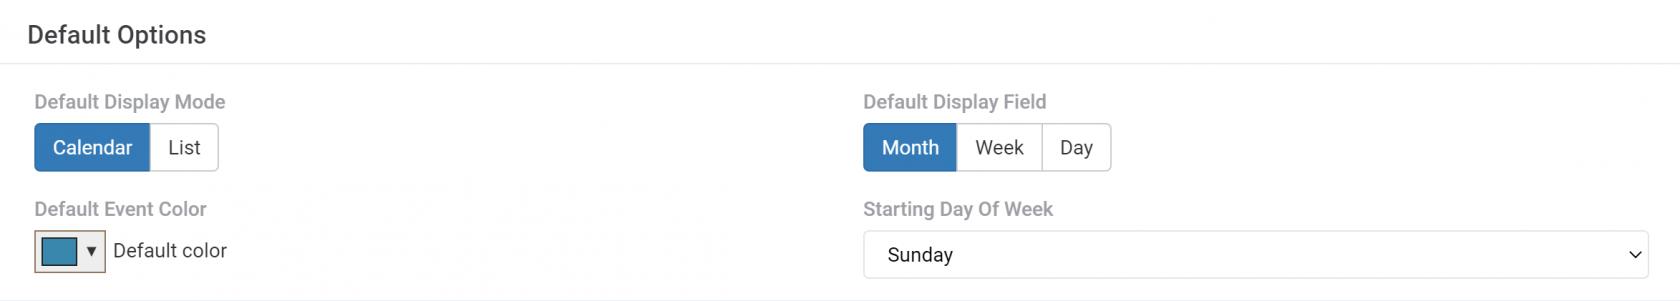 cal-default-options.png